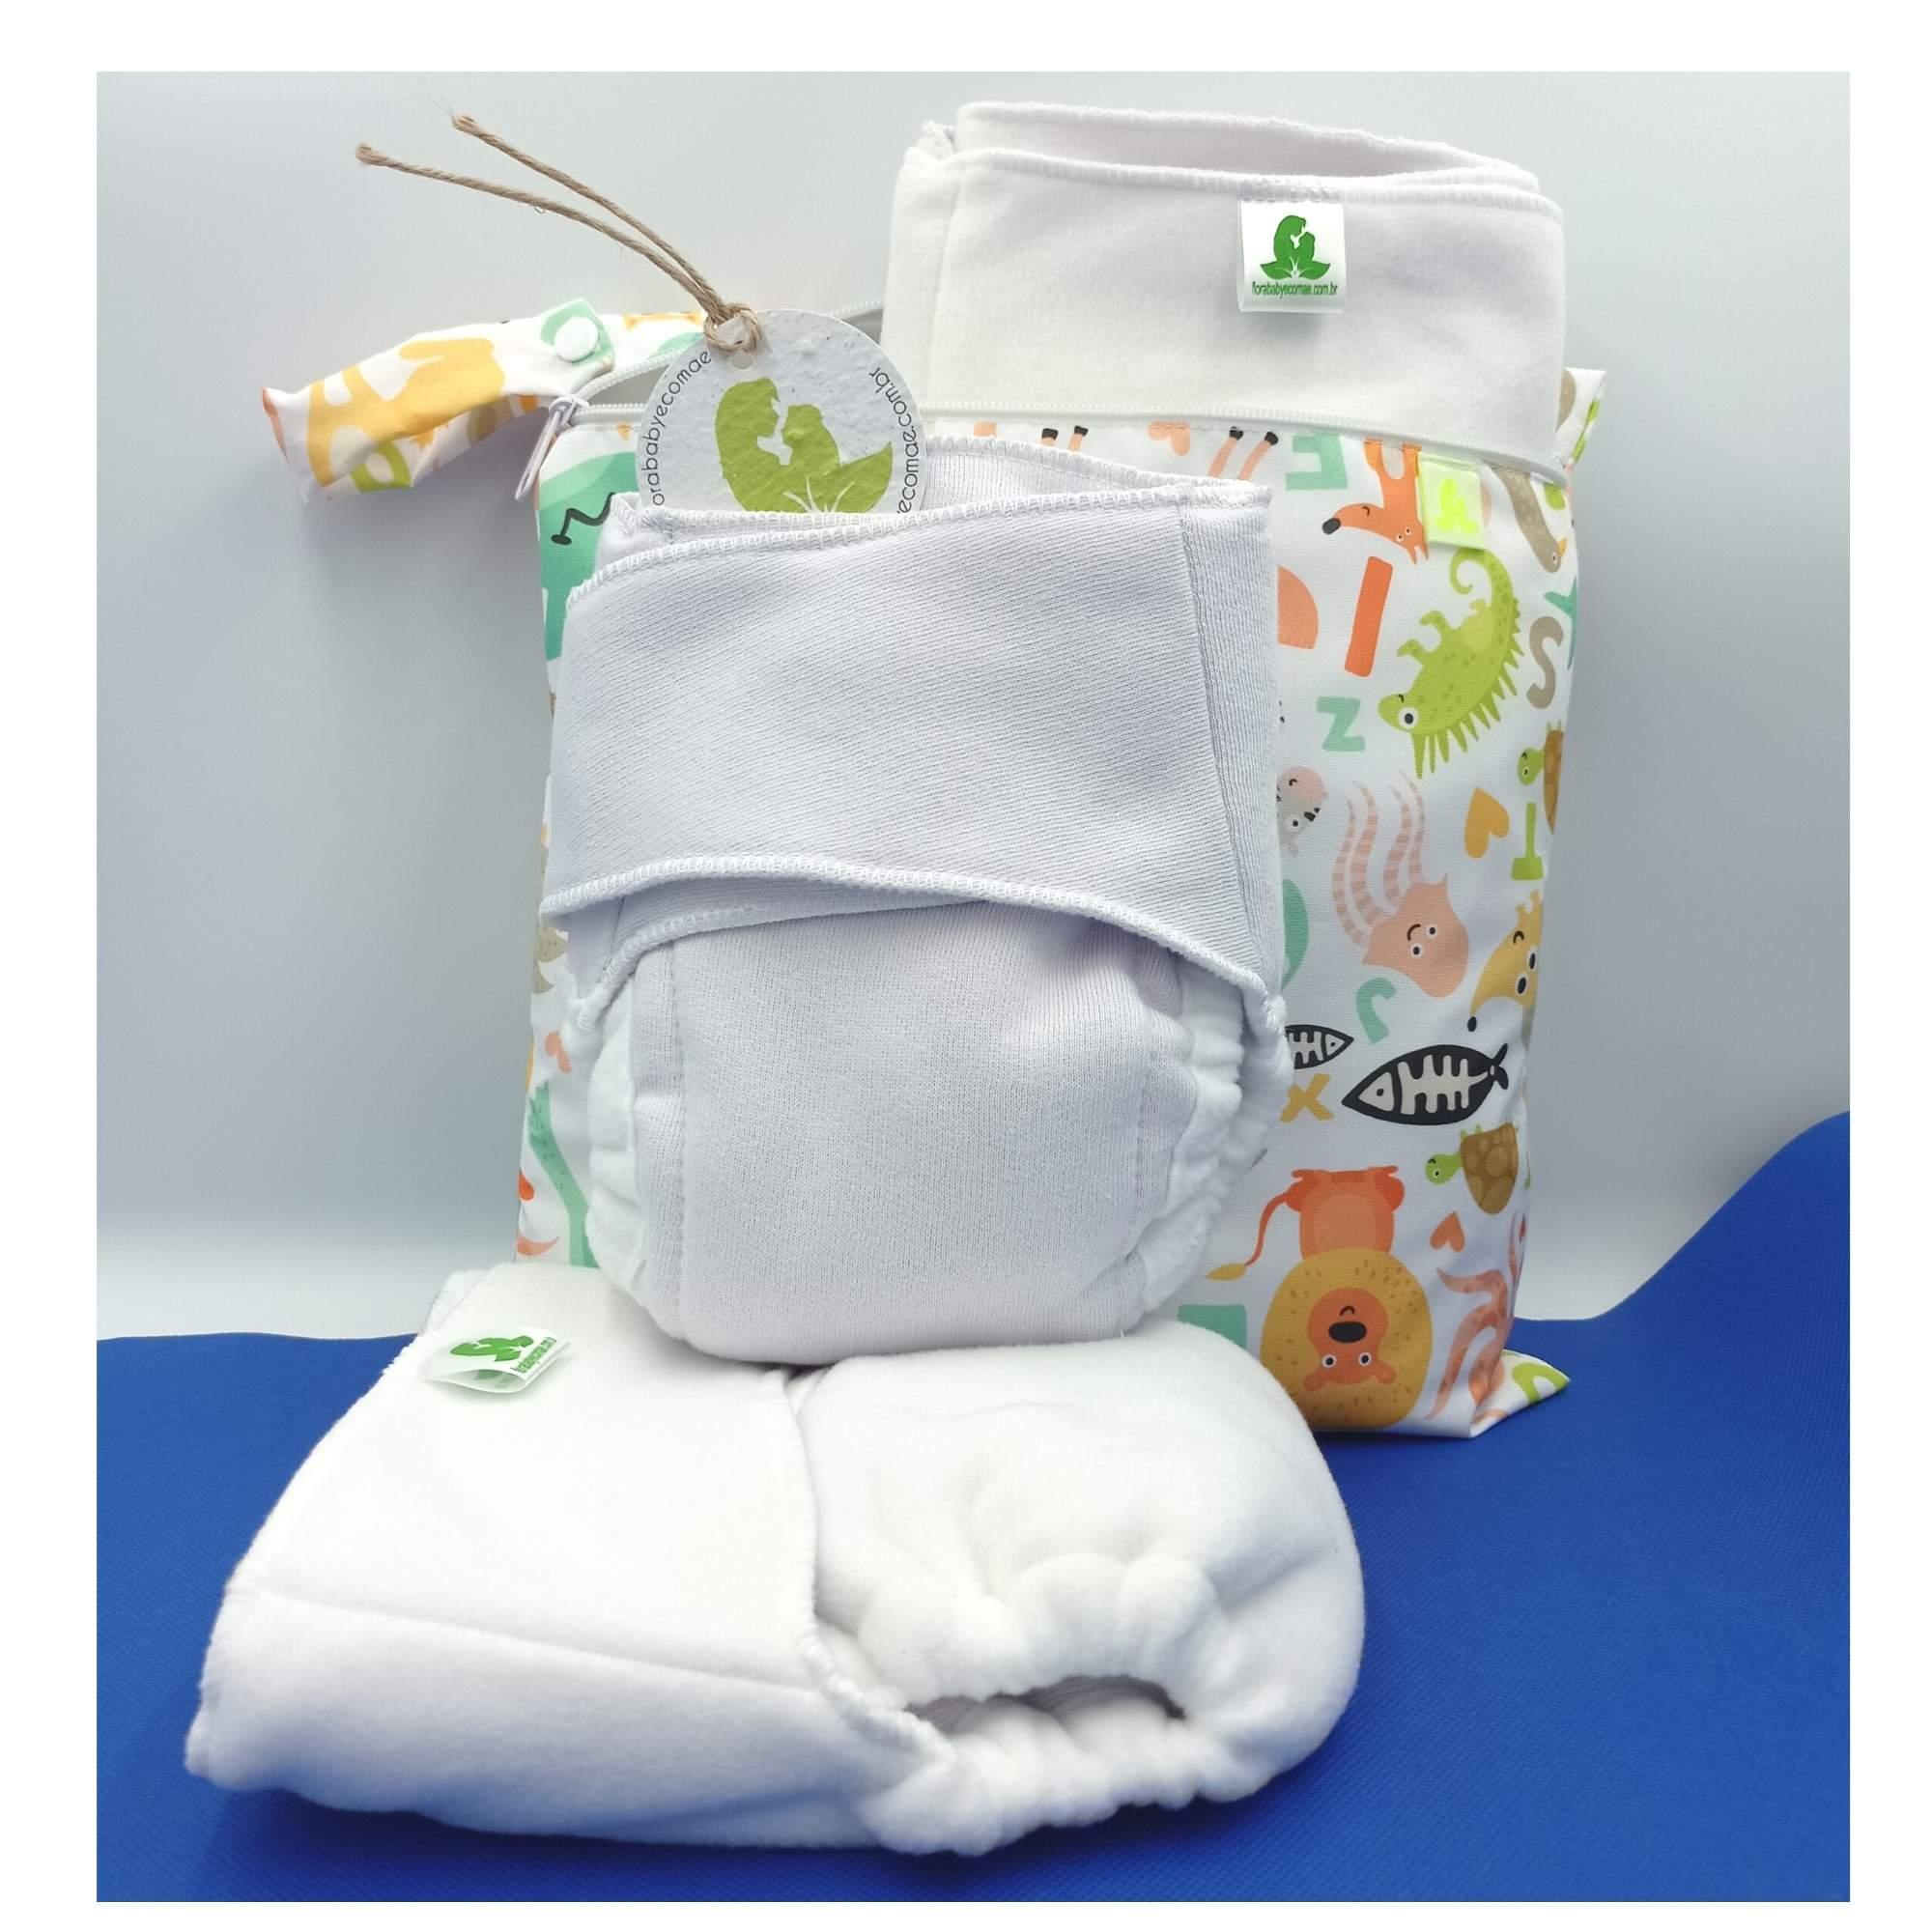 kit 3 Contornos e 1 Uma sacola Impermeável 30x30